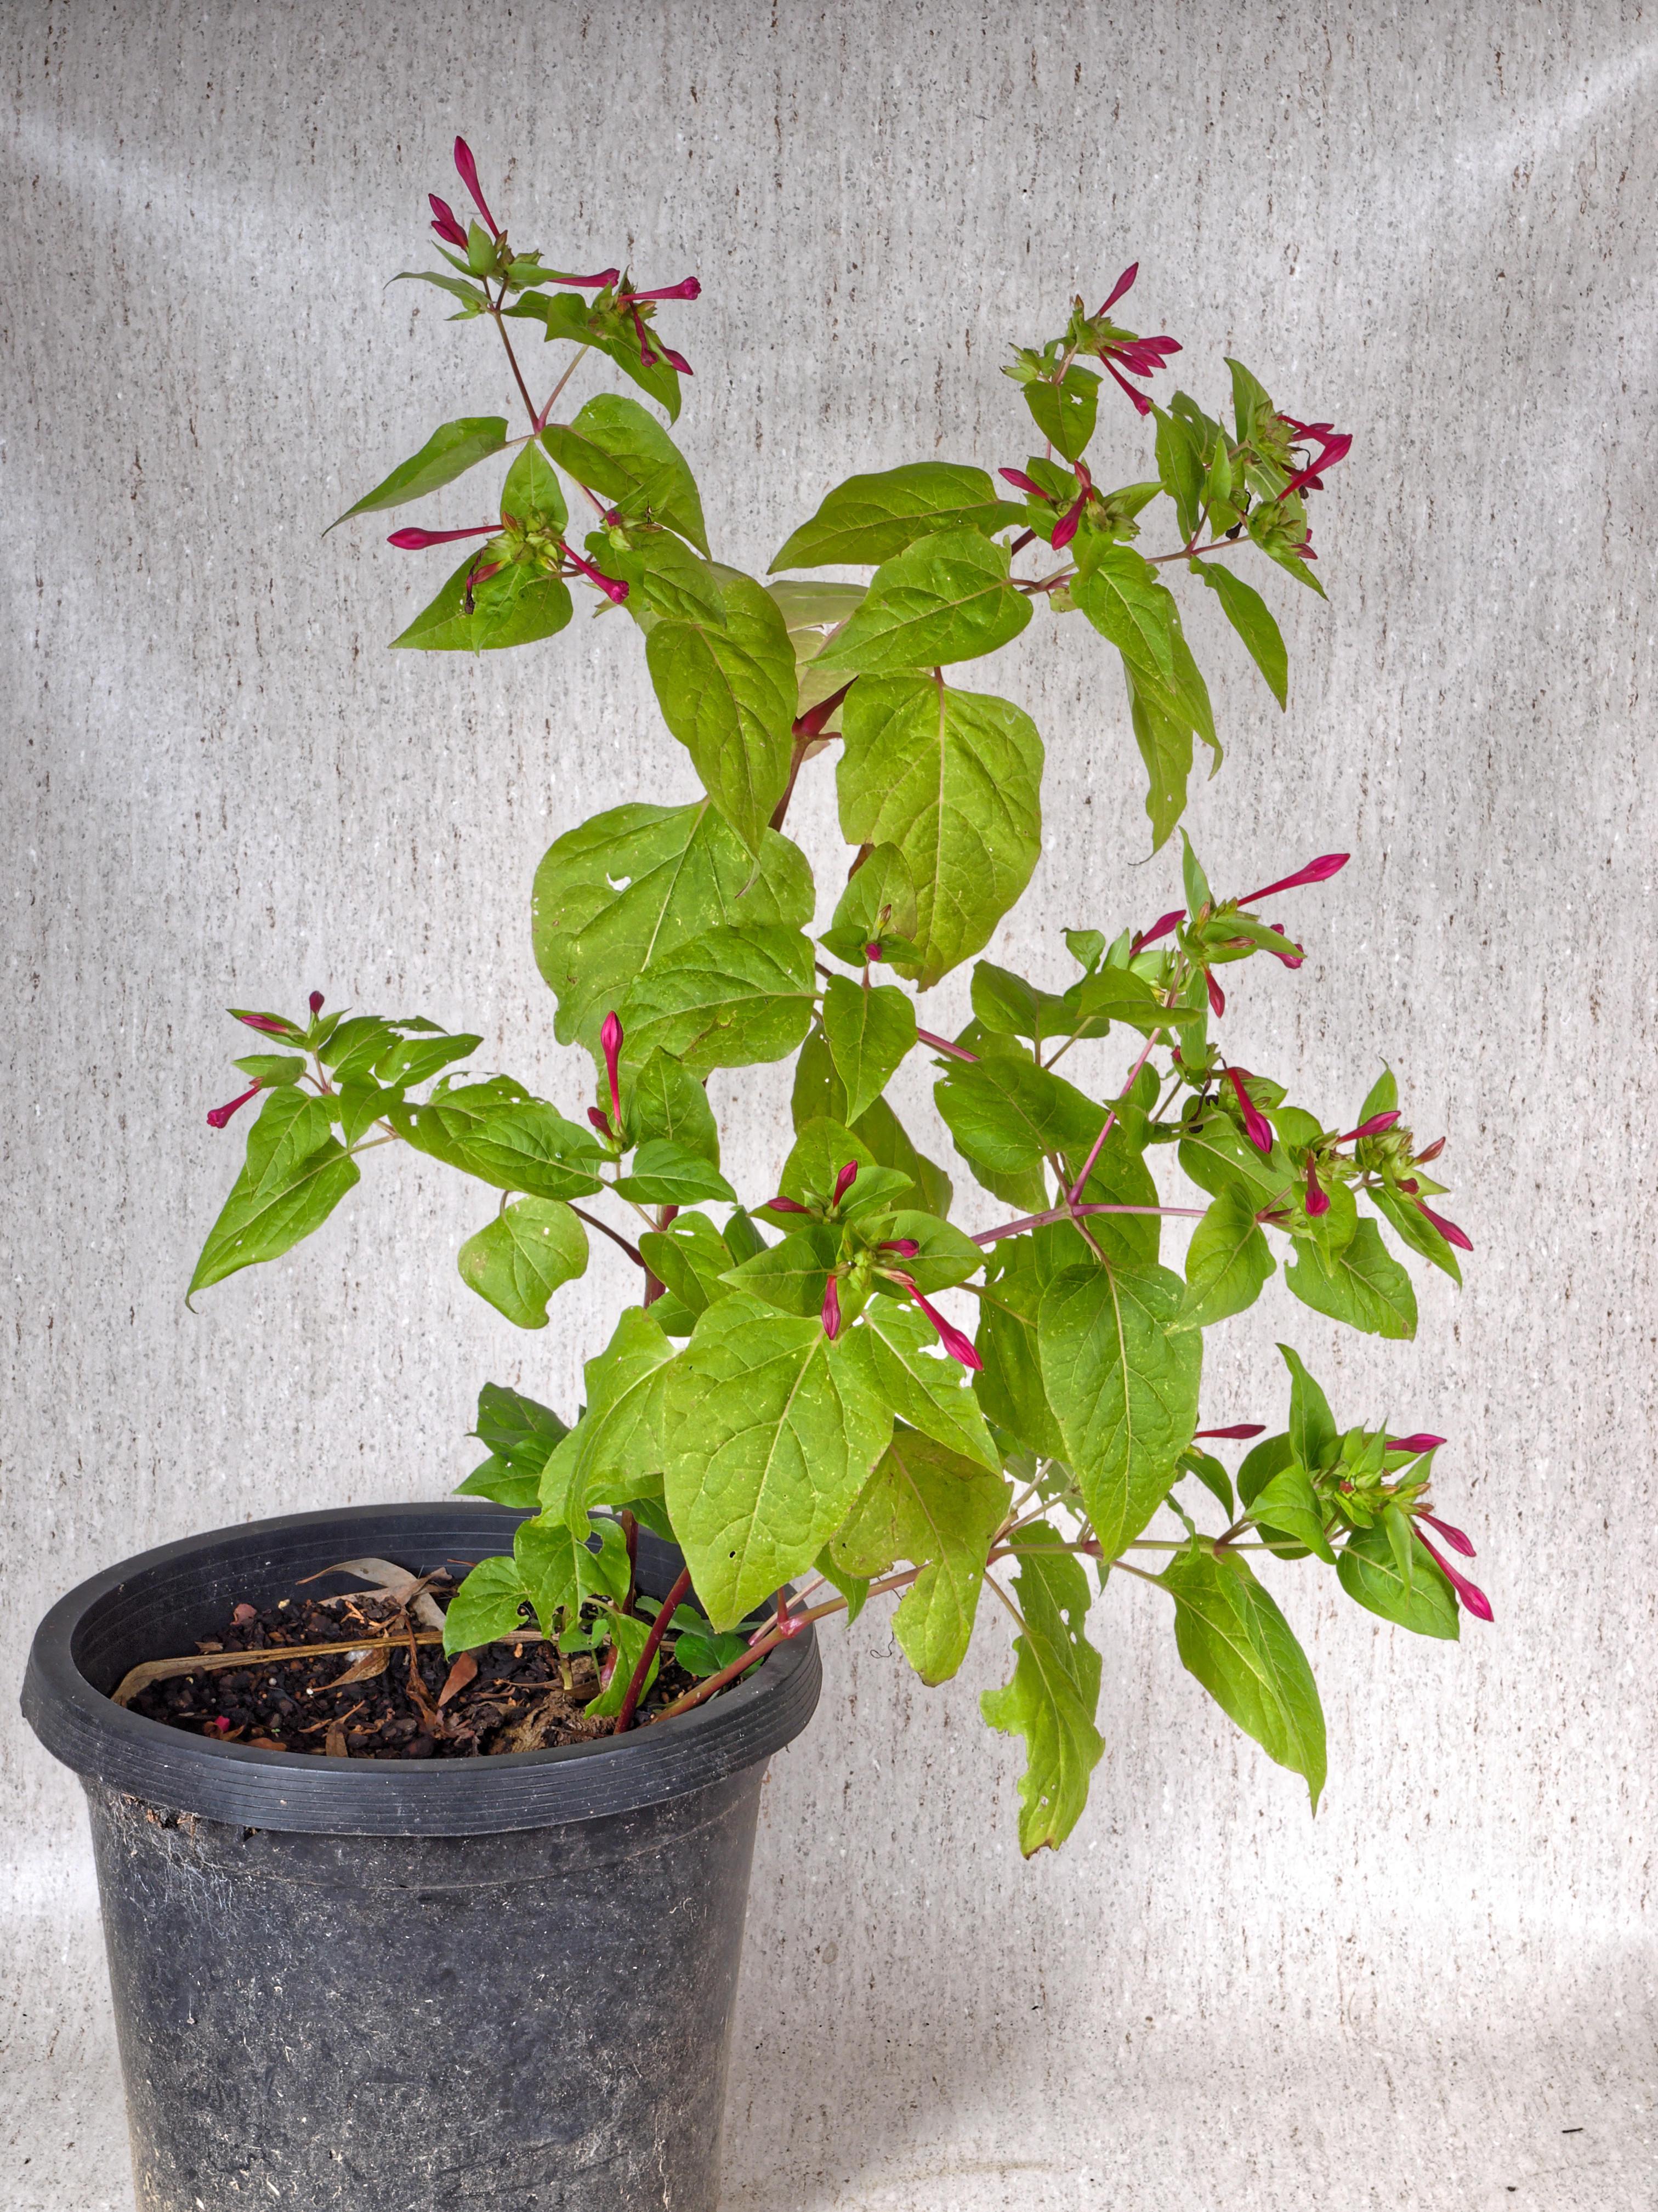 Mystery-plant-16.jpeg